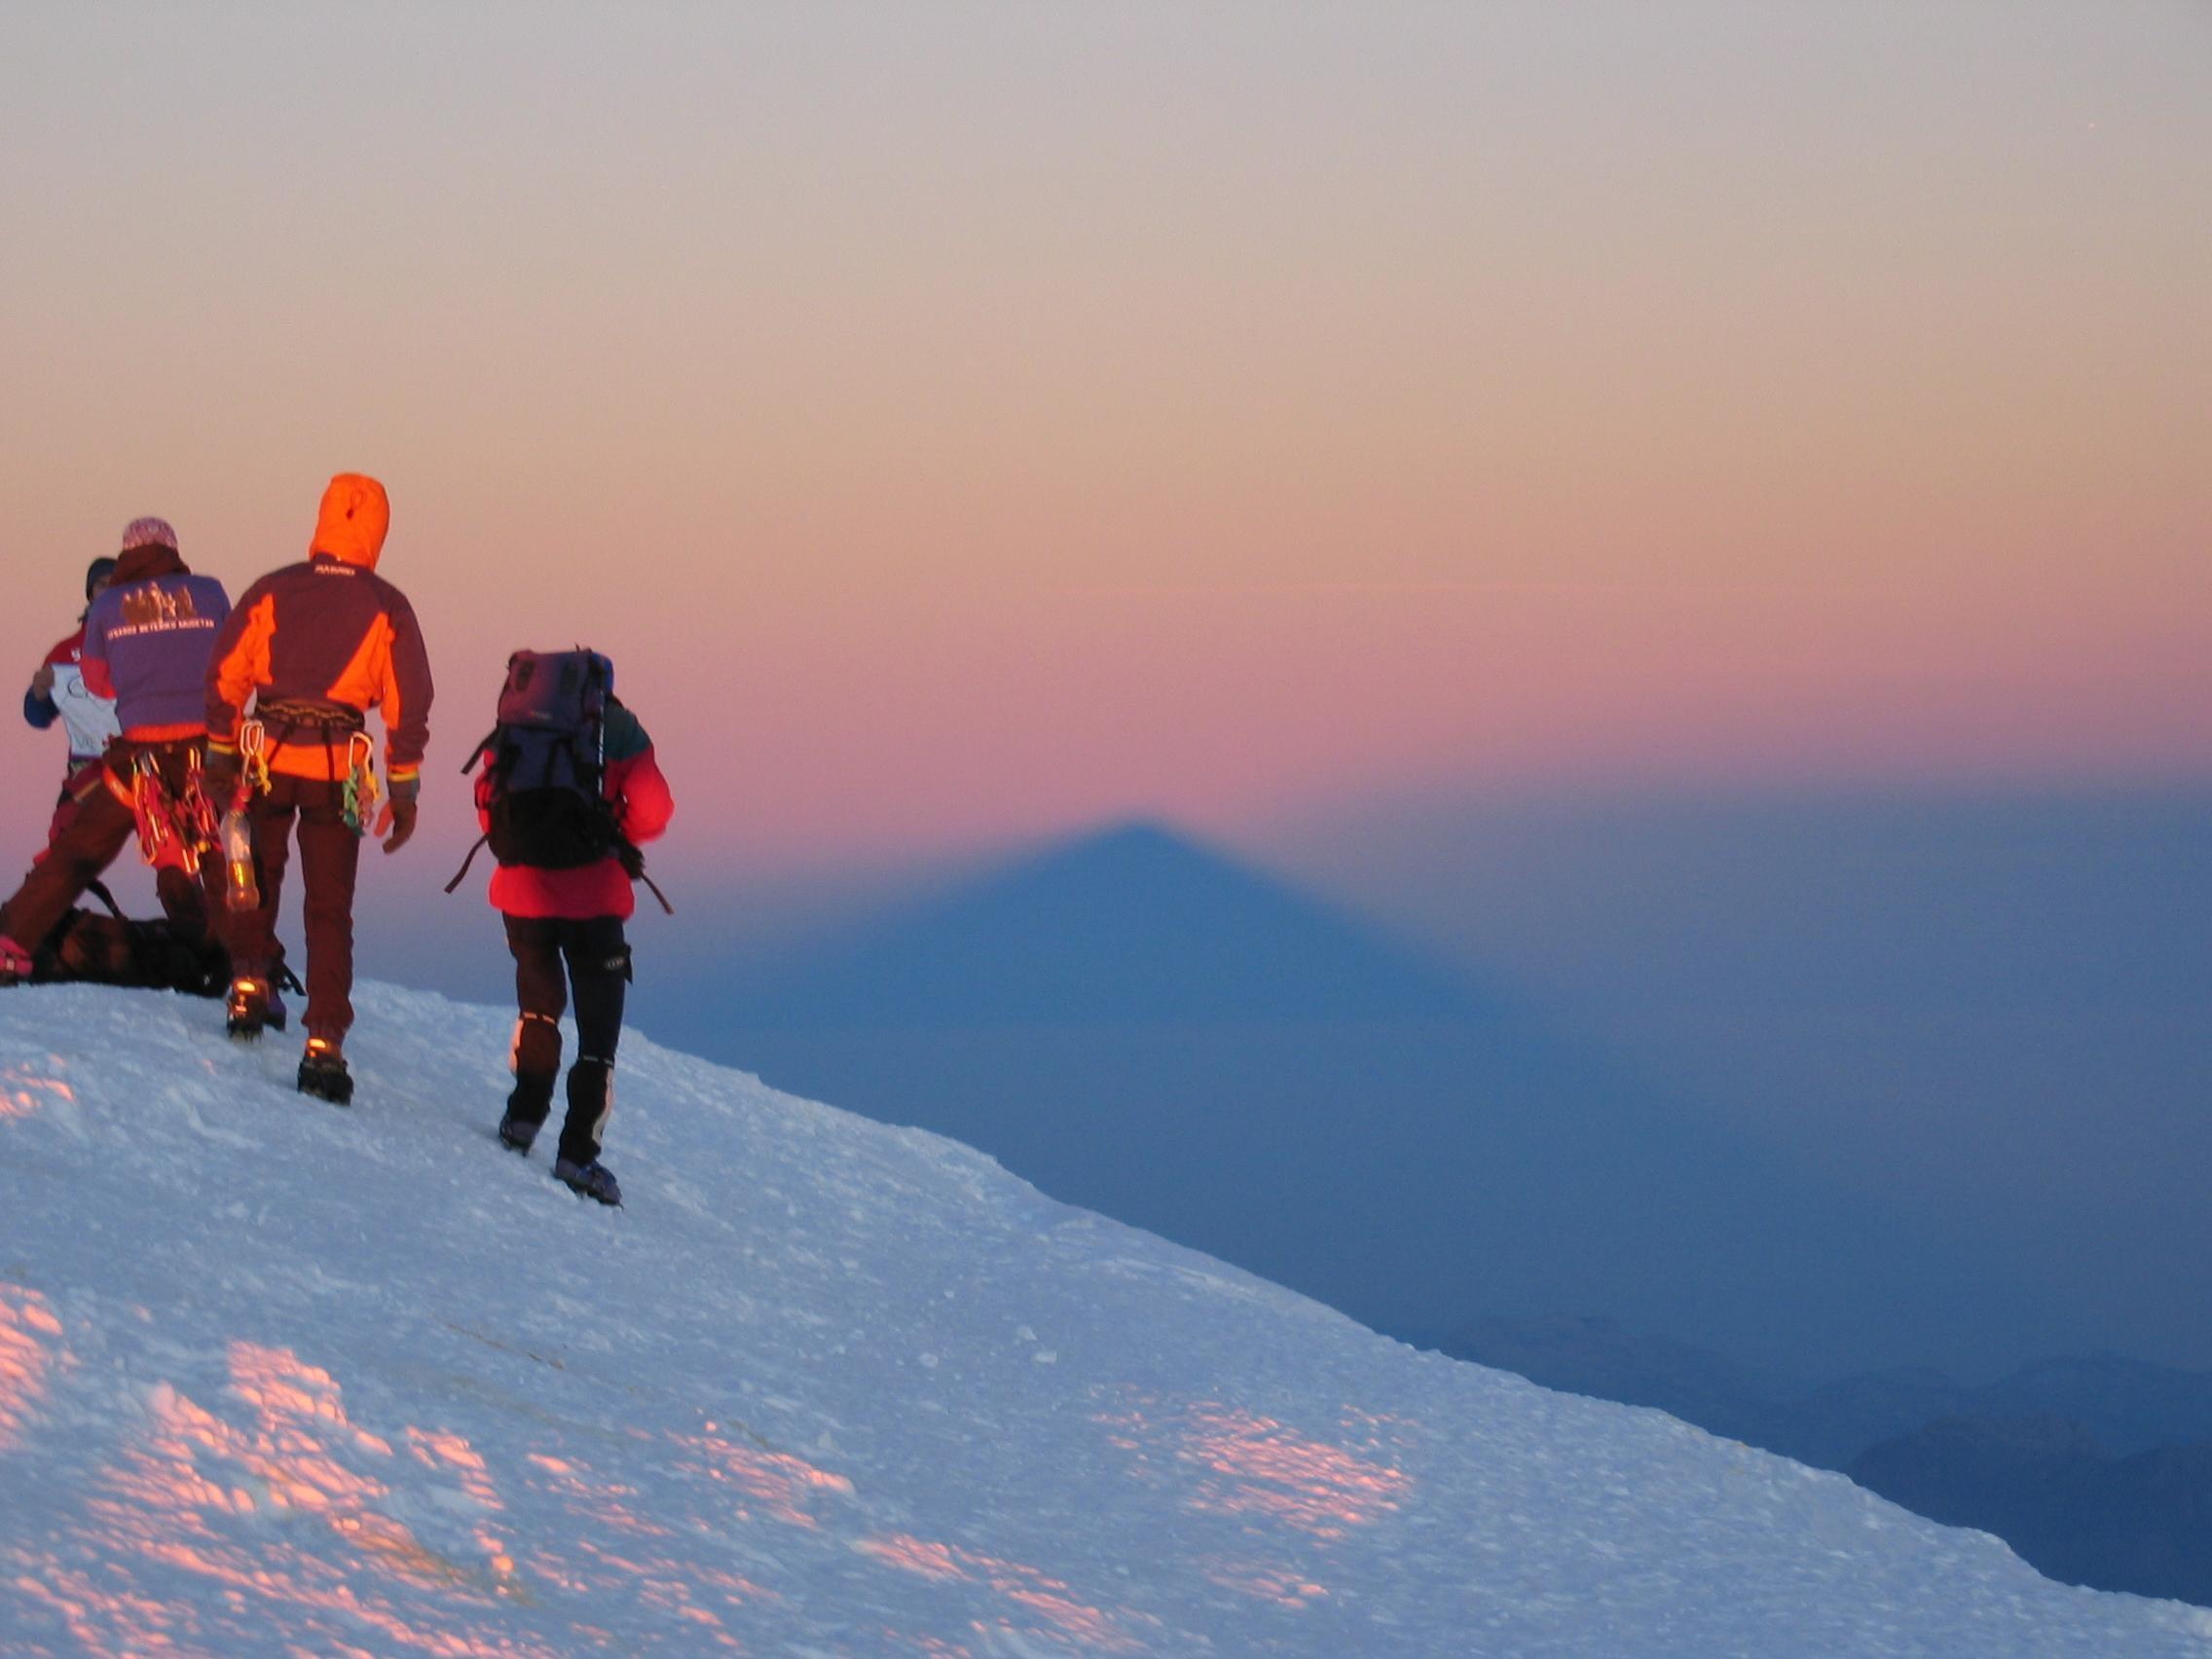 Туристы лыжники картинка